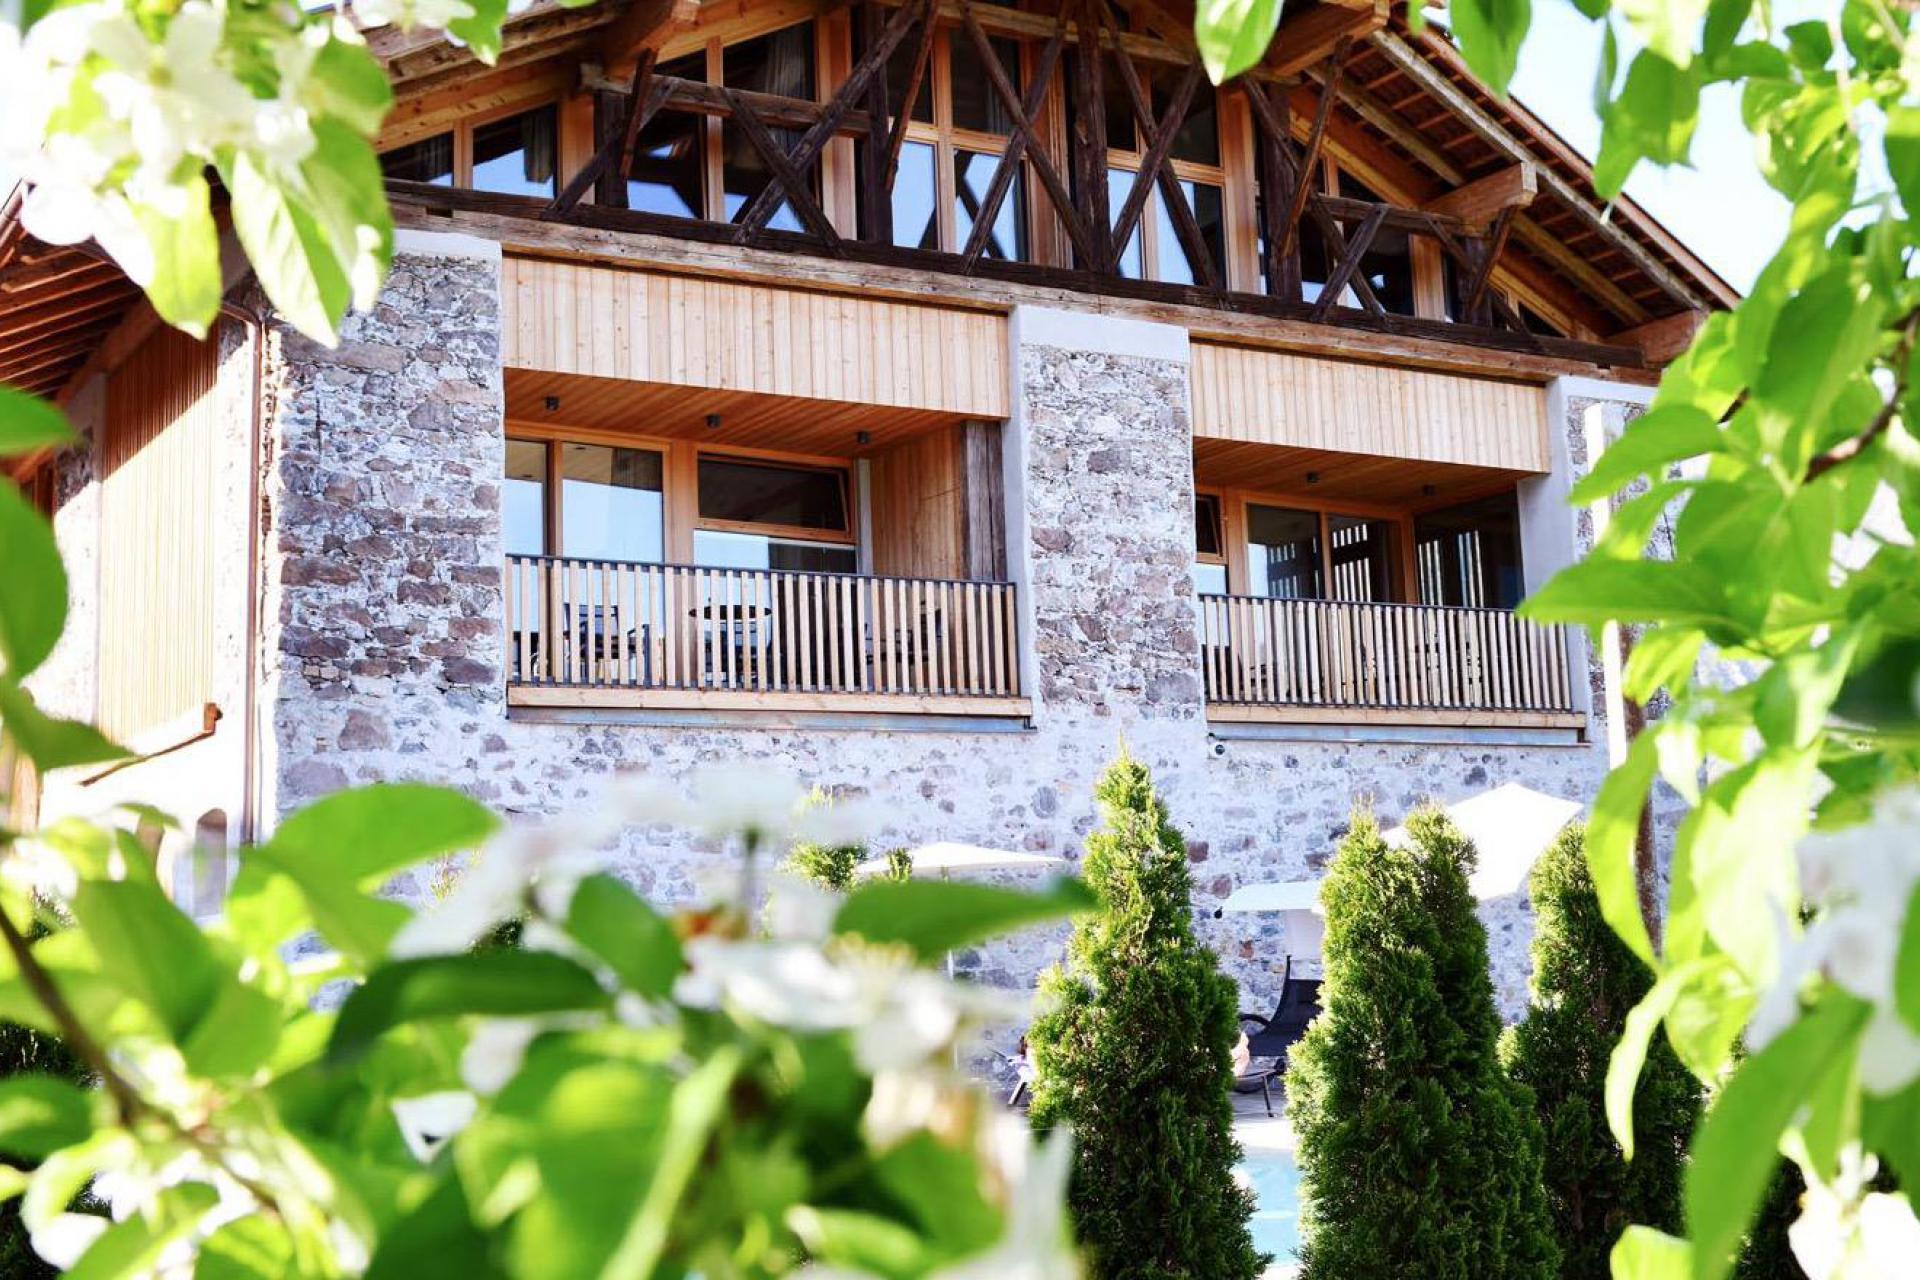 Agriturismo Dolomiti Accogliente agriturismo in un meleto nelle Dolomiti